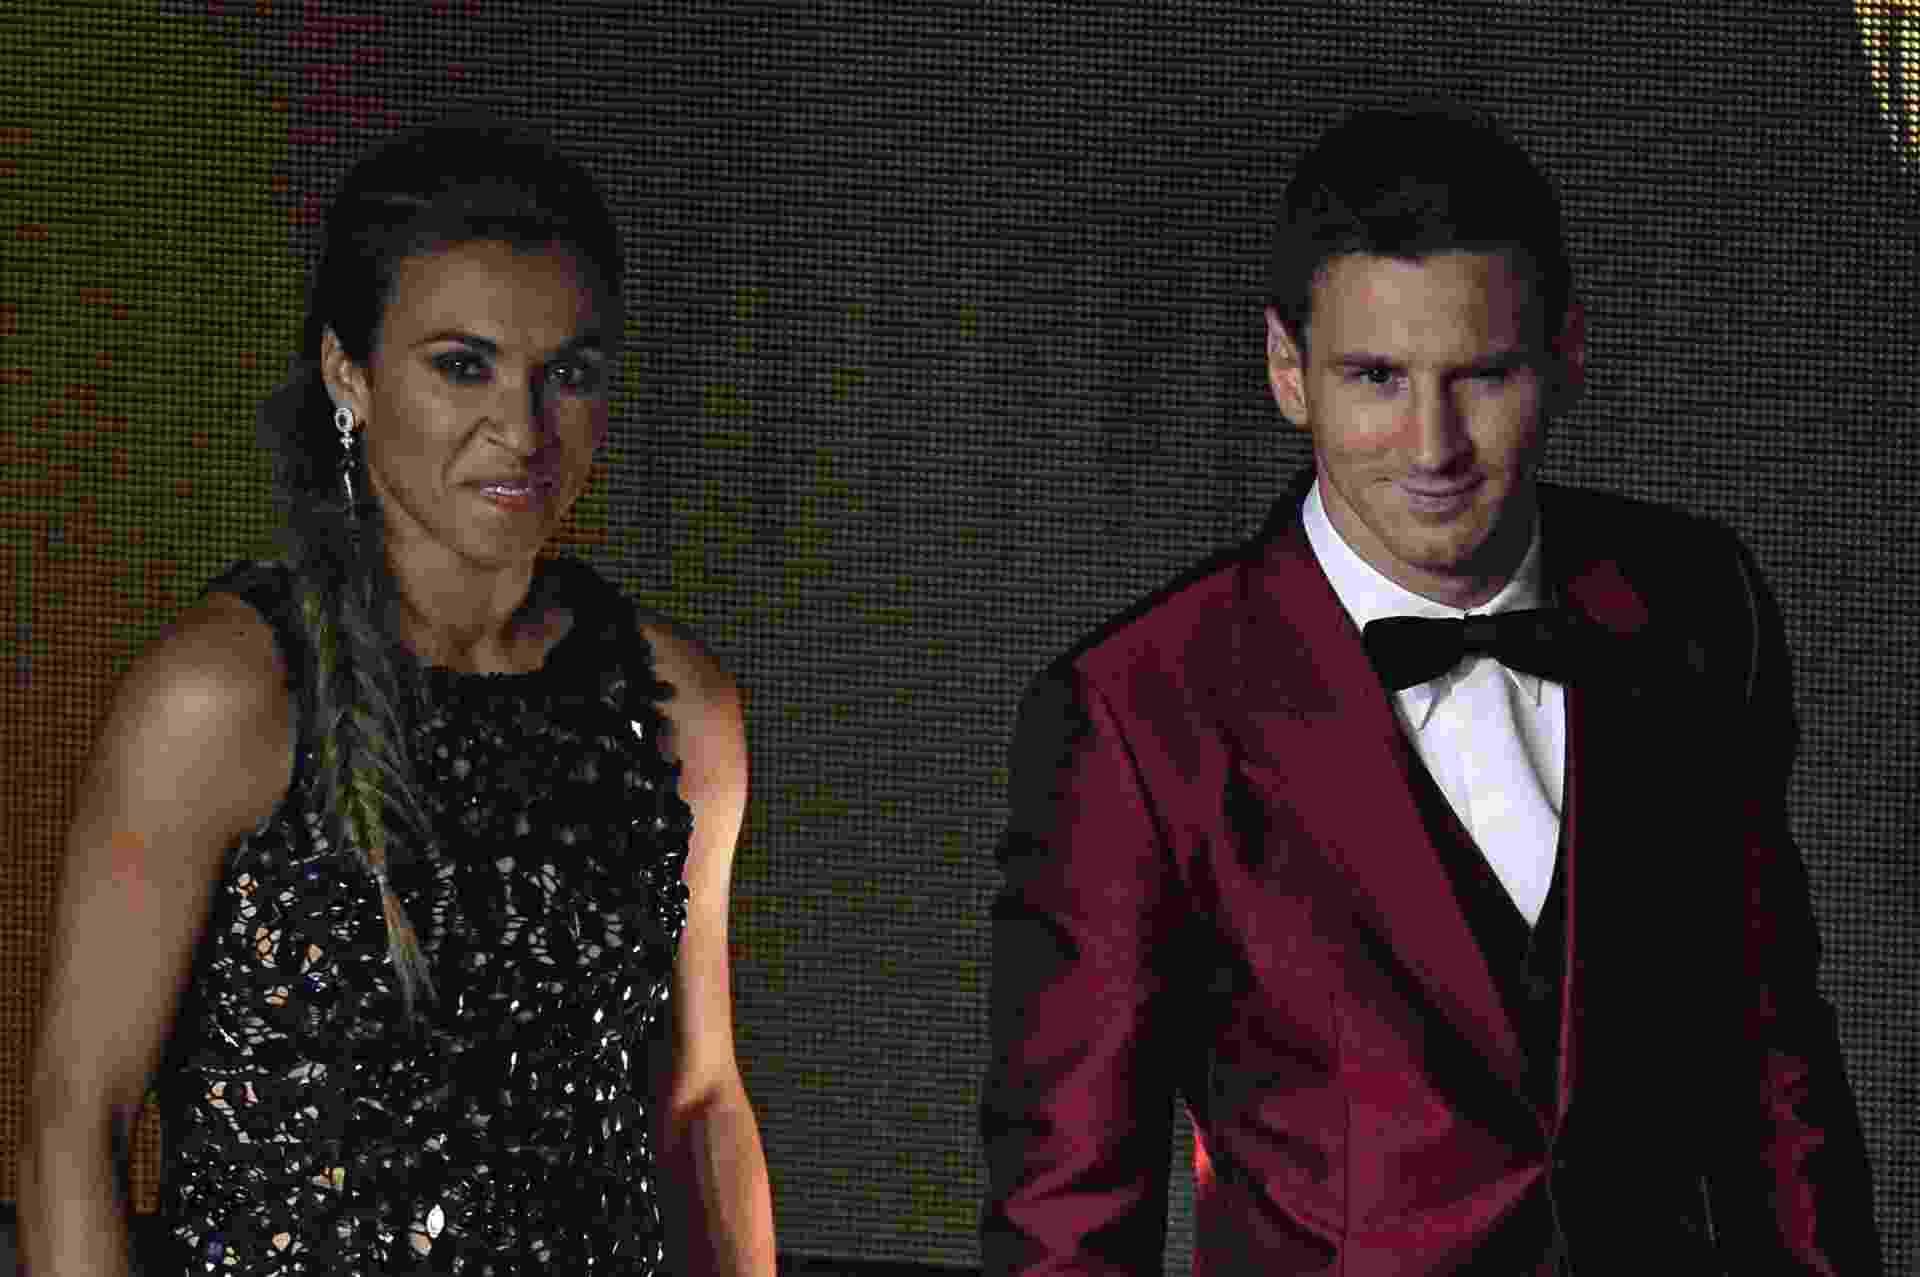 13.jan.2014 - Jogadora brasileira Marta posa ao lado do atacante argentino Lionel Messi durante evento em Zurique - AFP PHOTO / OLIVIER MORIN